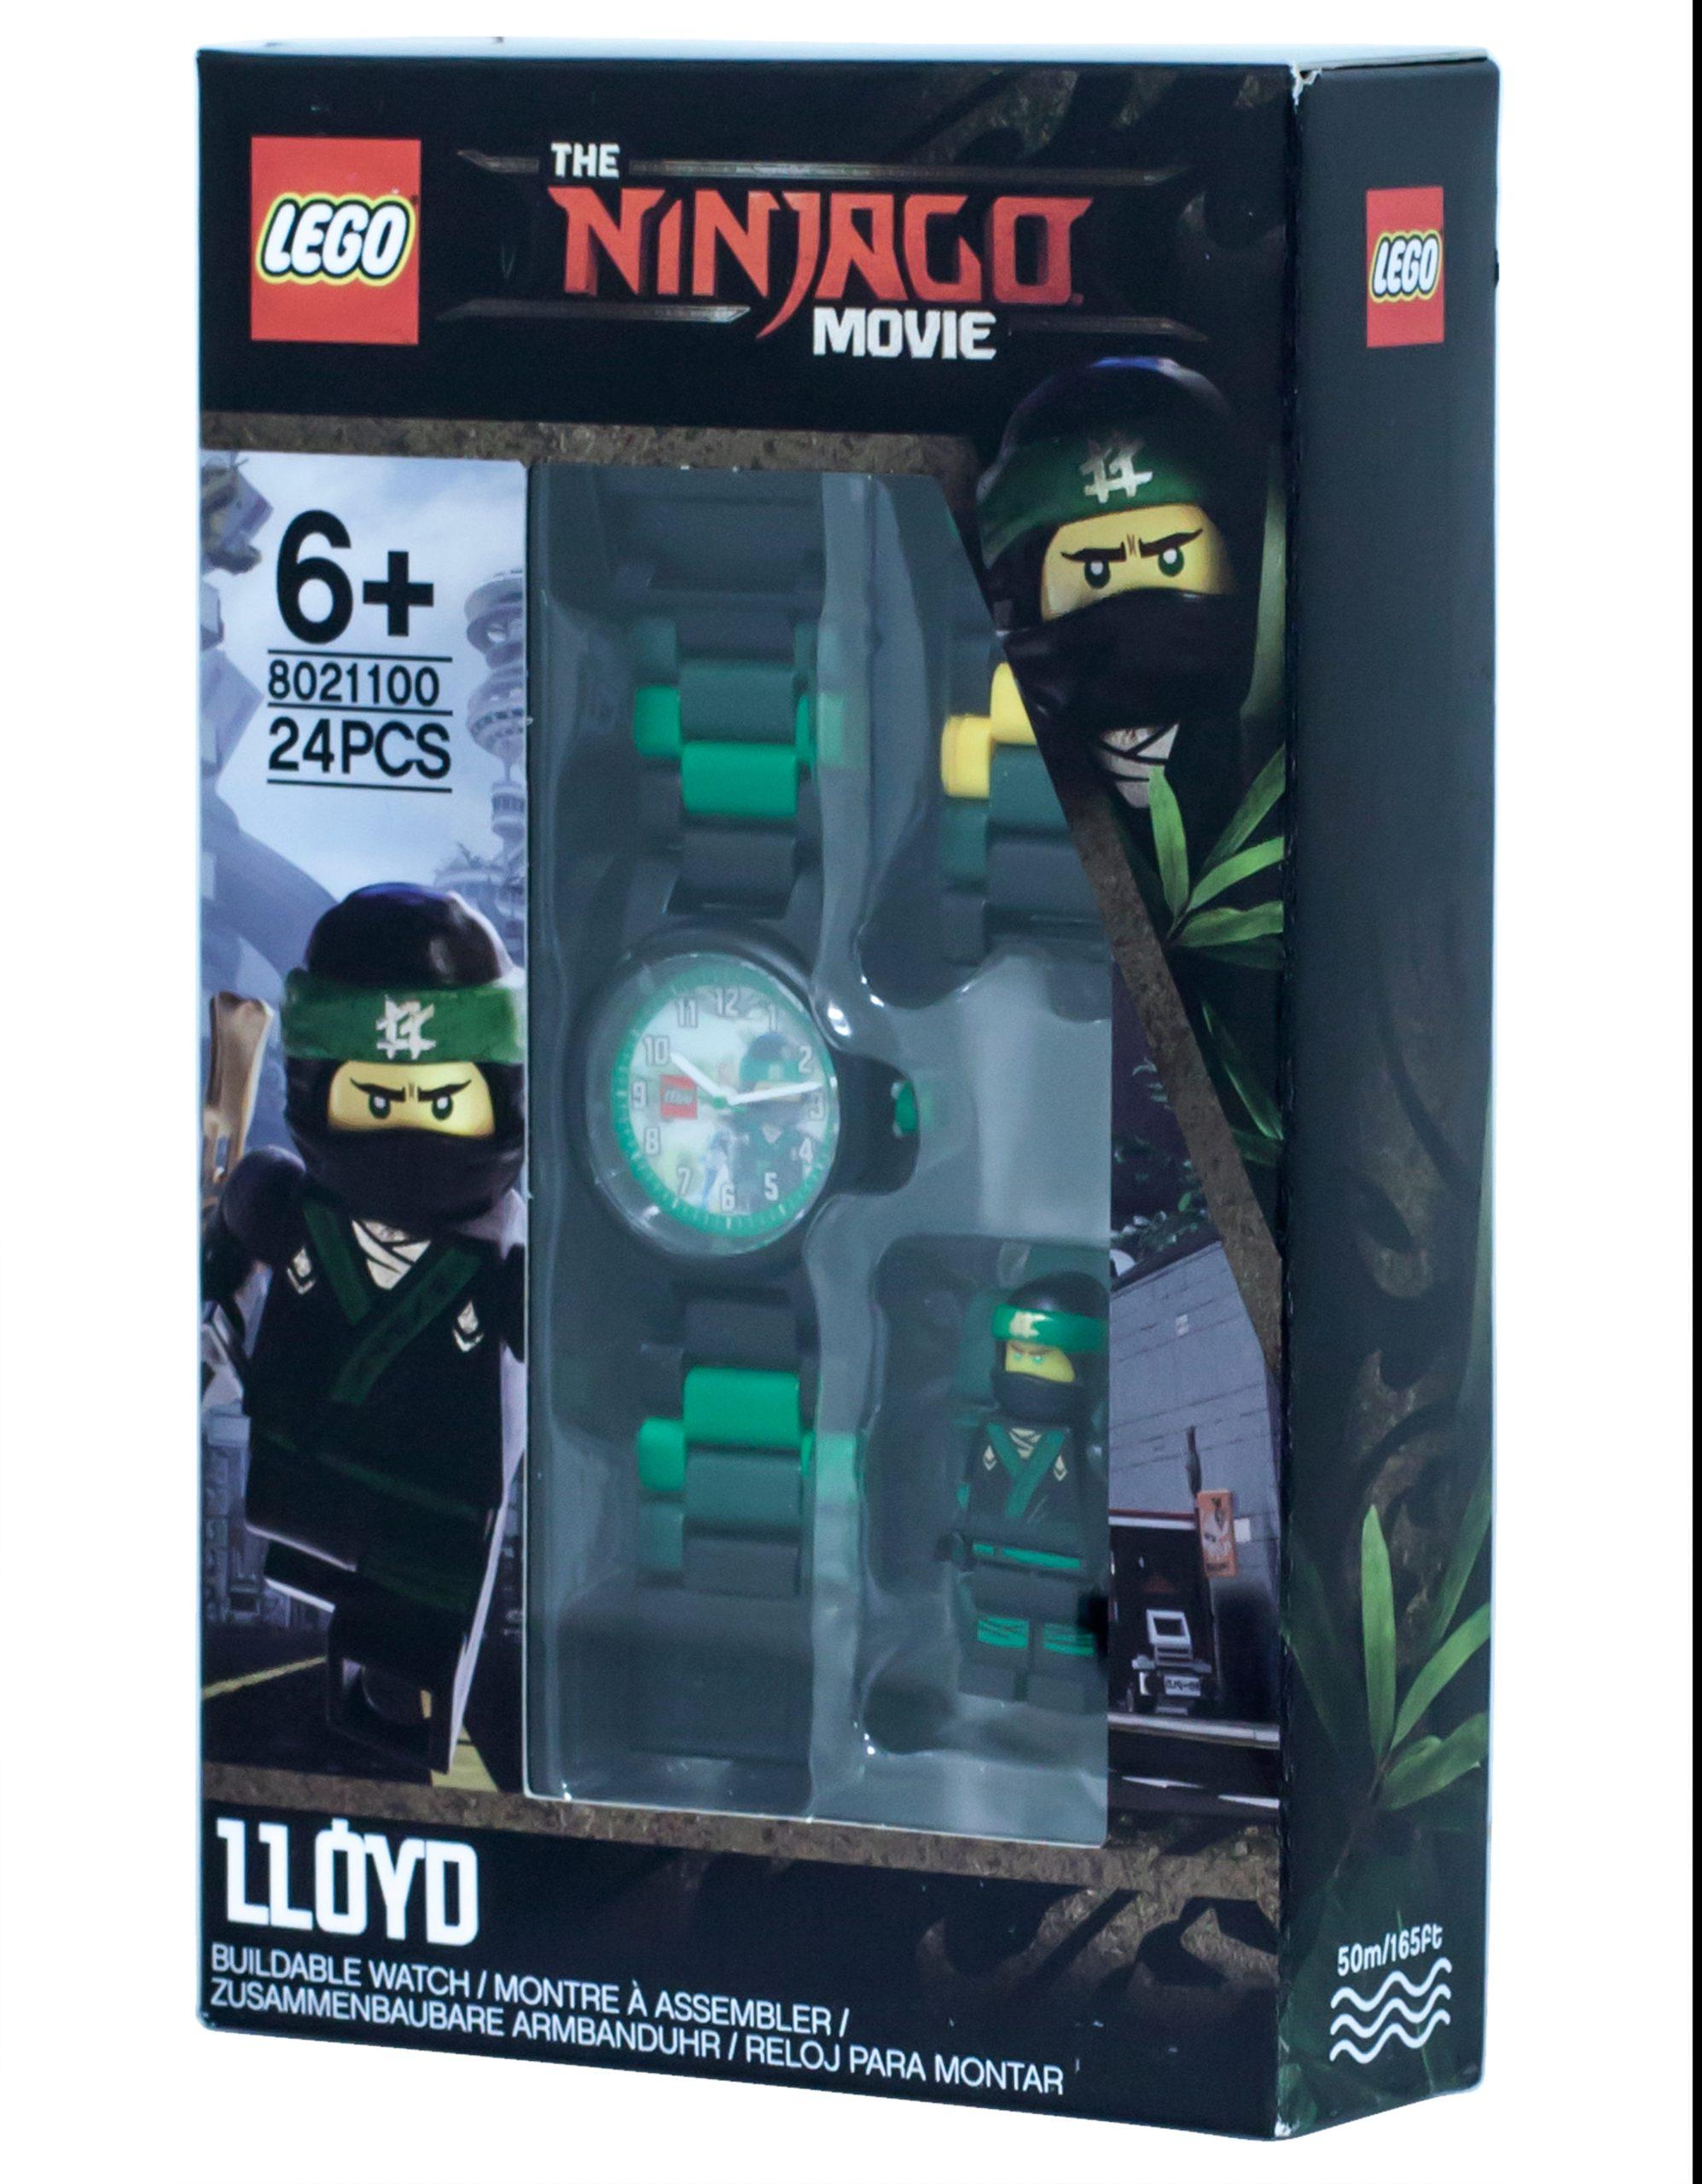 lego 5005370 ninjago movie lloyd minifigure link watch scaled